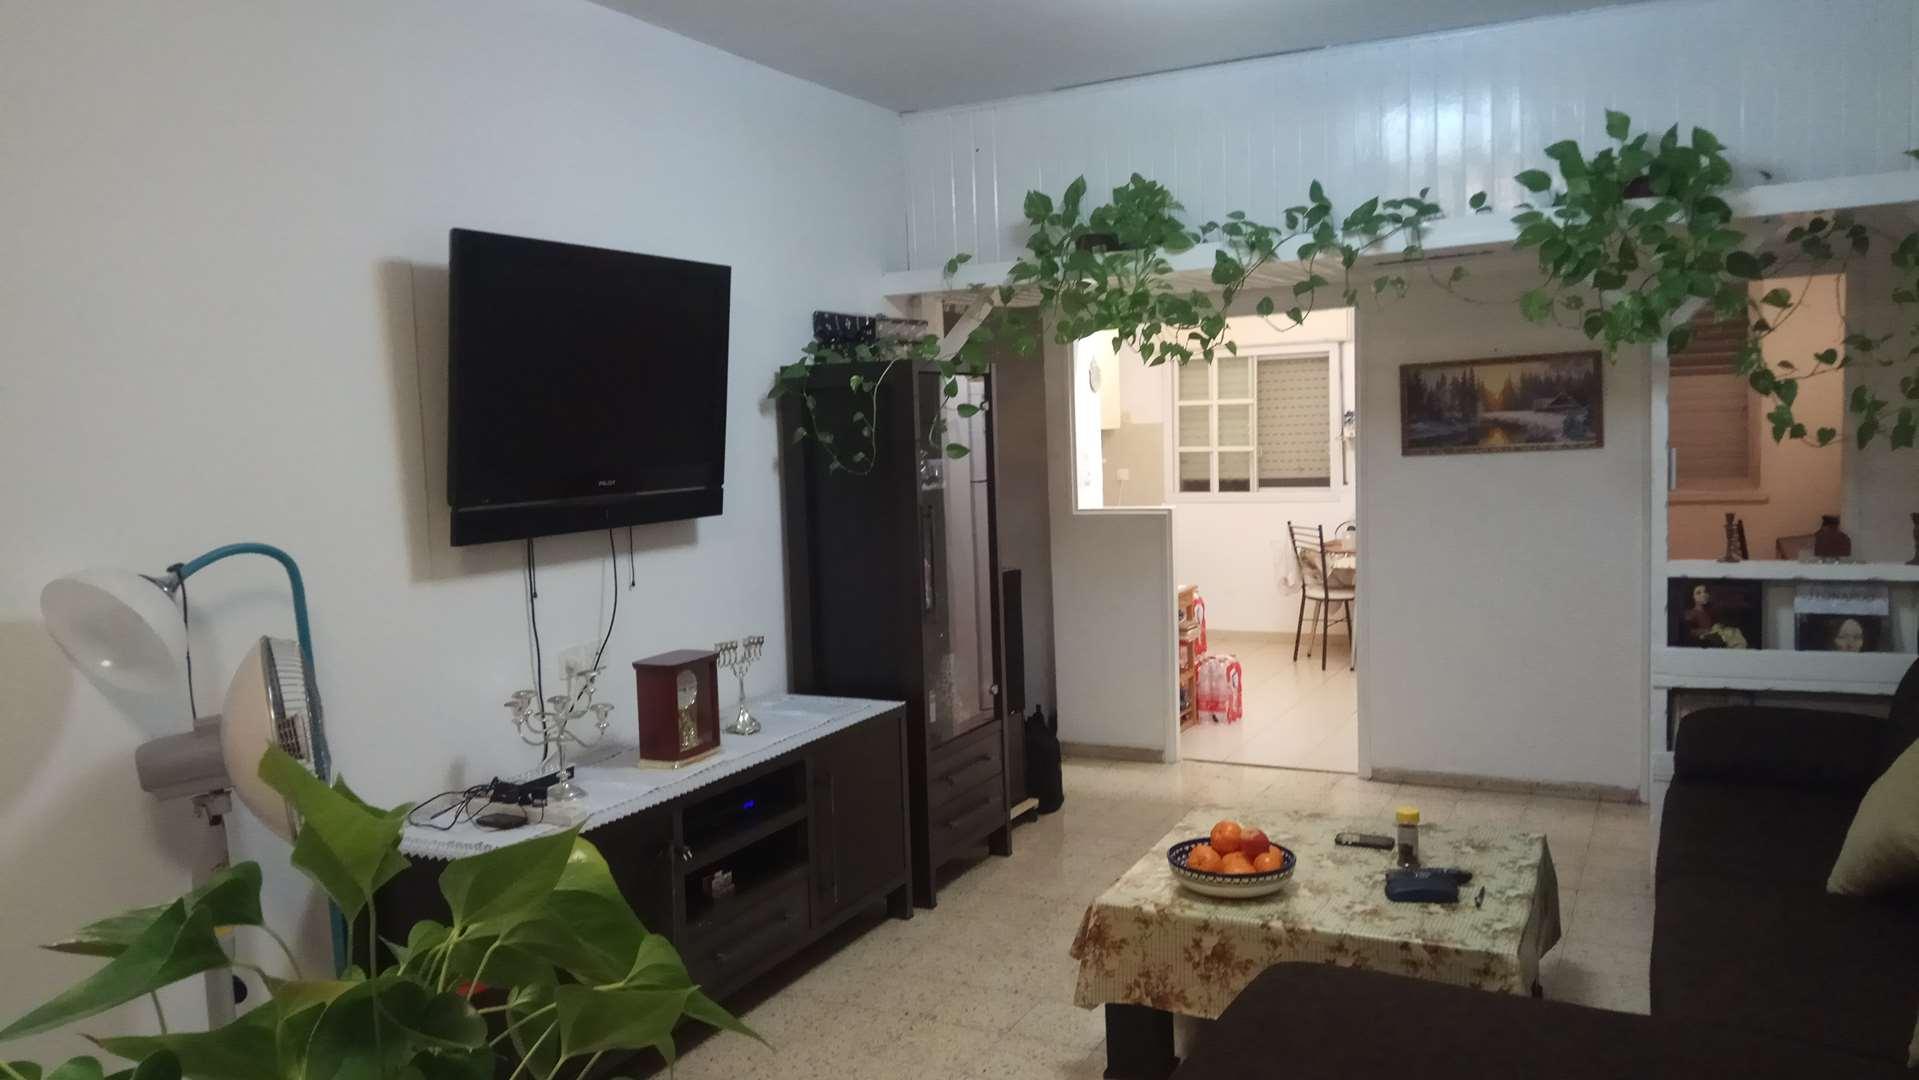 דירה להשכרה 3.5 חדרים בקרית מוצקין דבורה